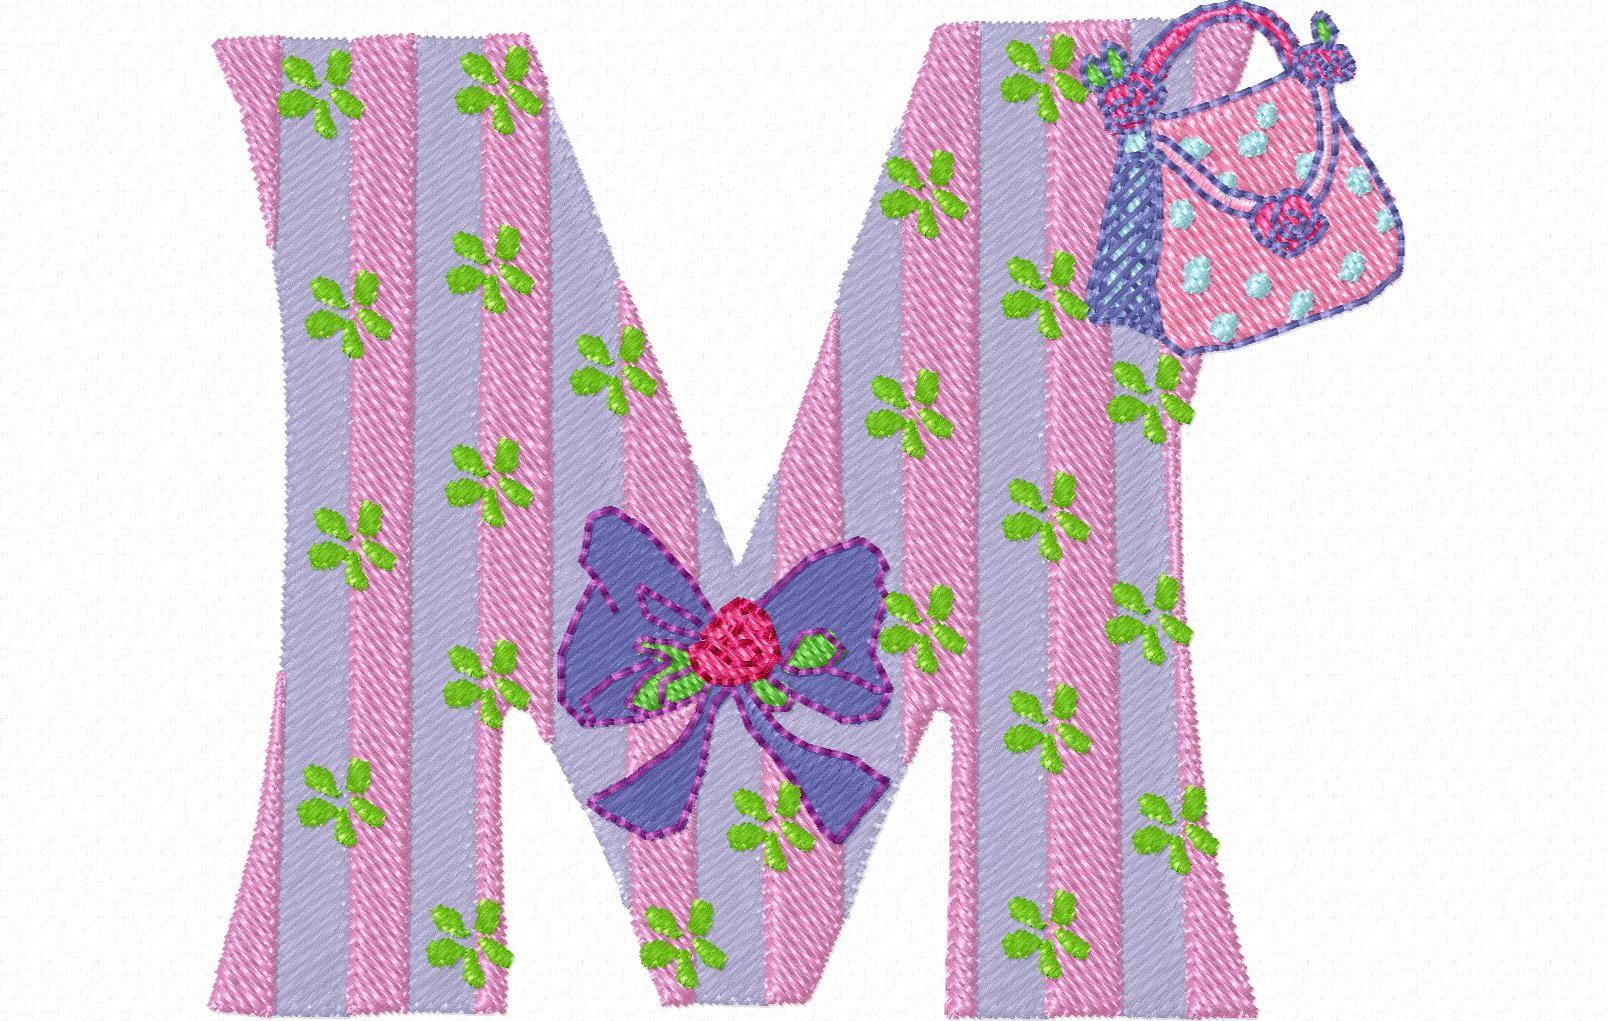 Cool Letter M Cool Letter M Designs M Lettering Alphabet M Image